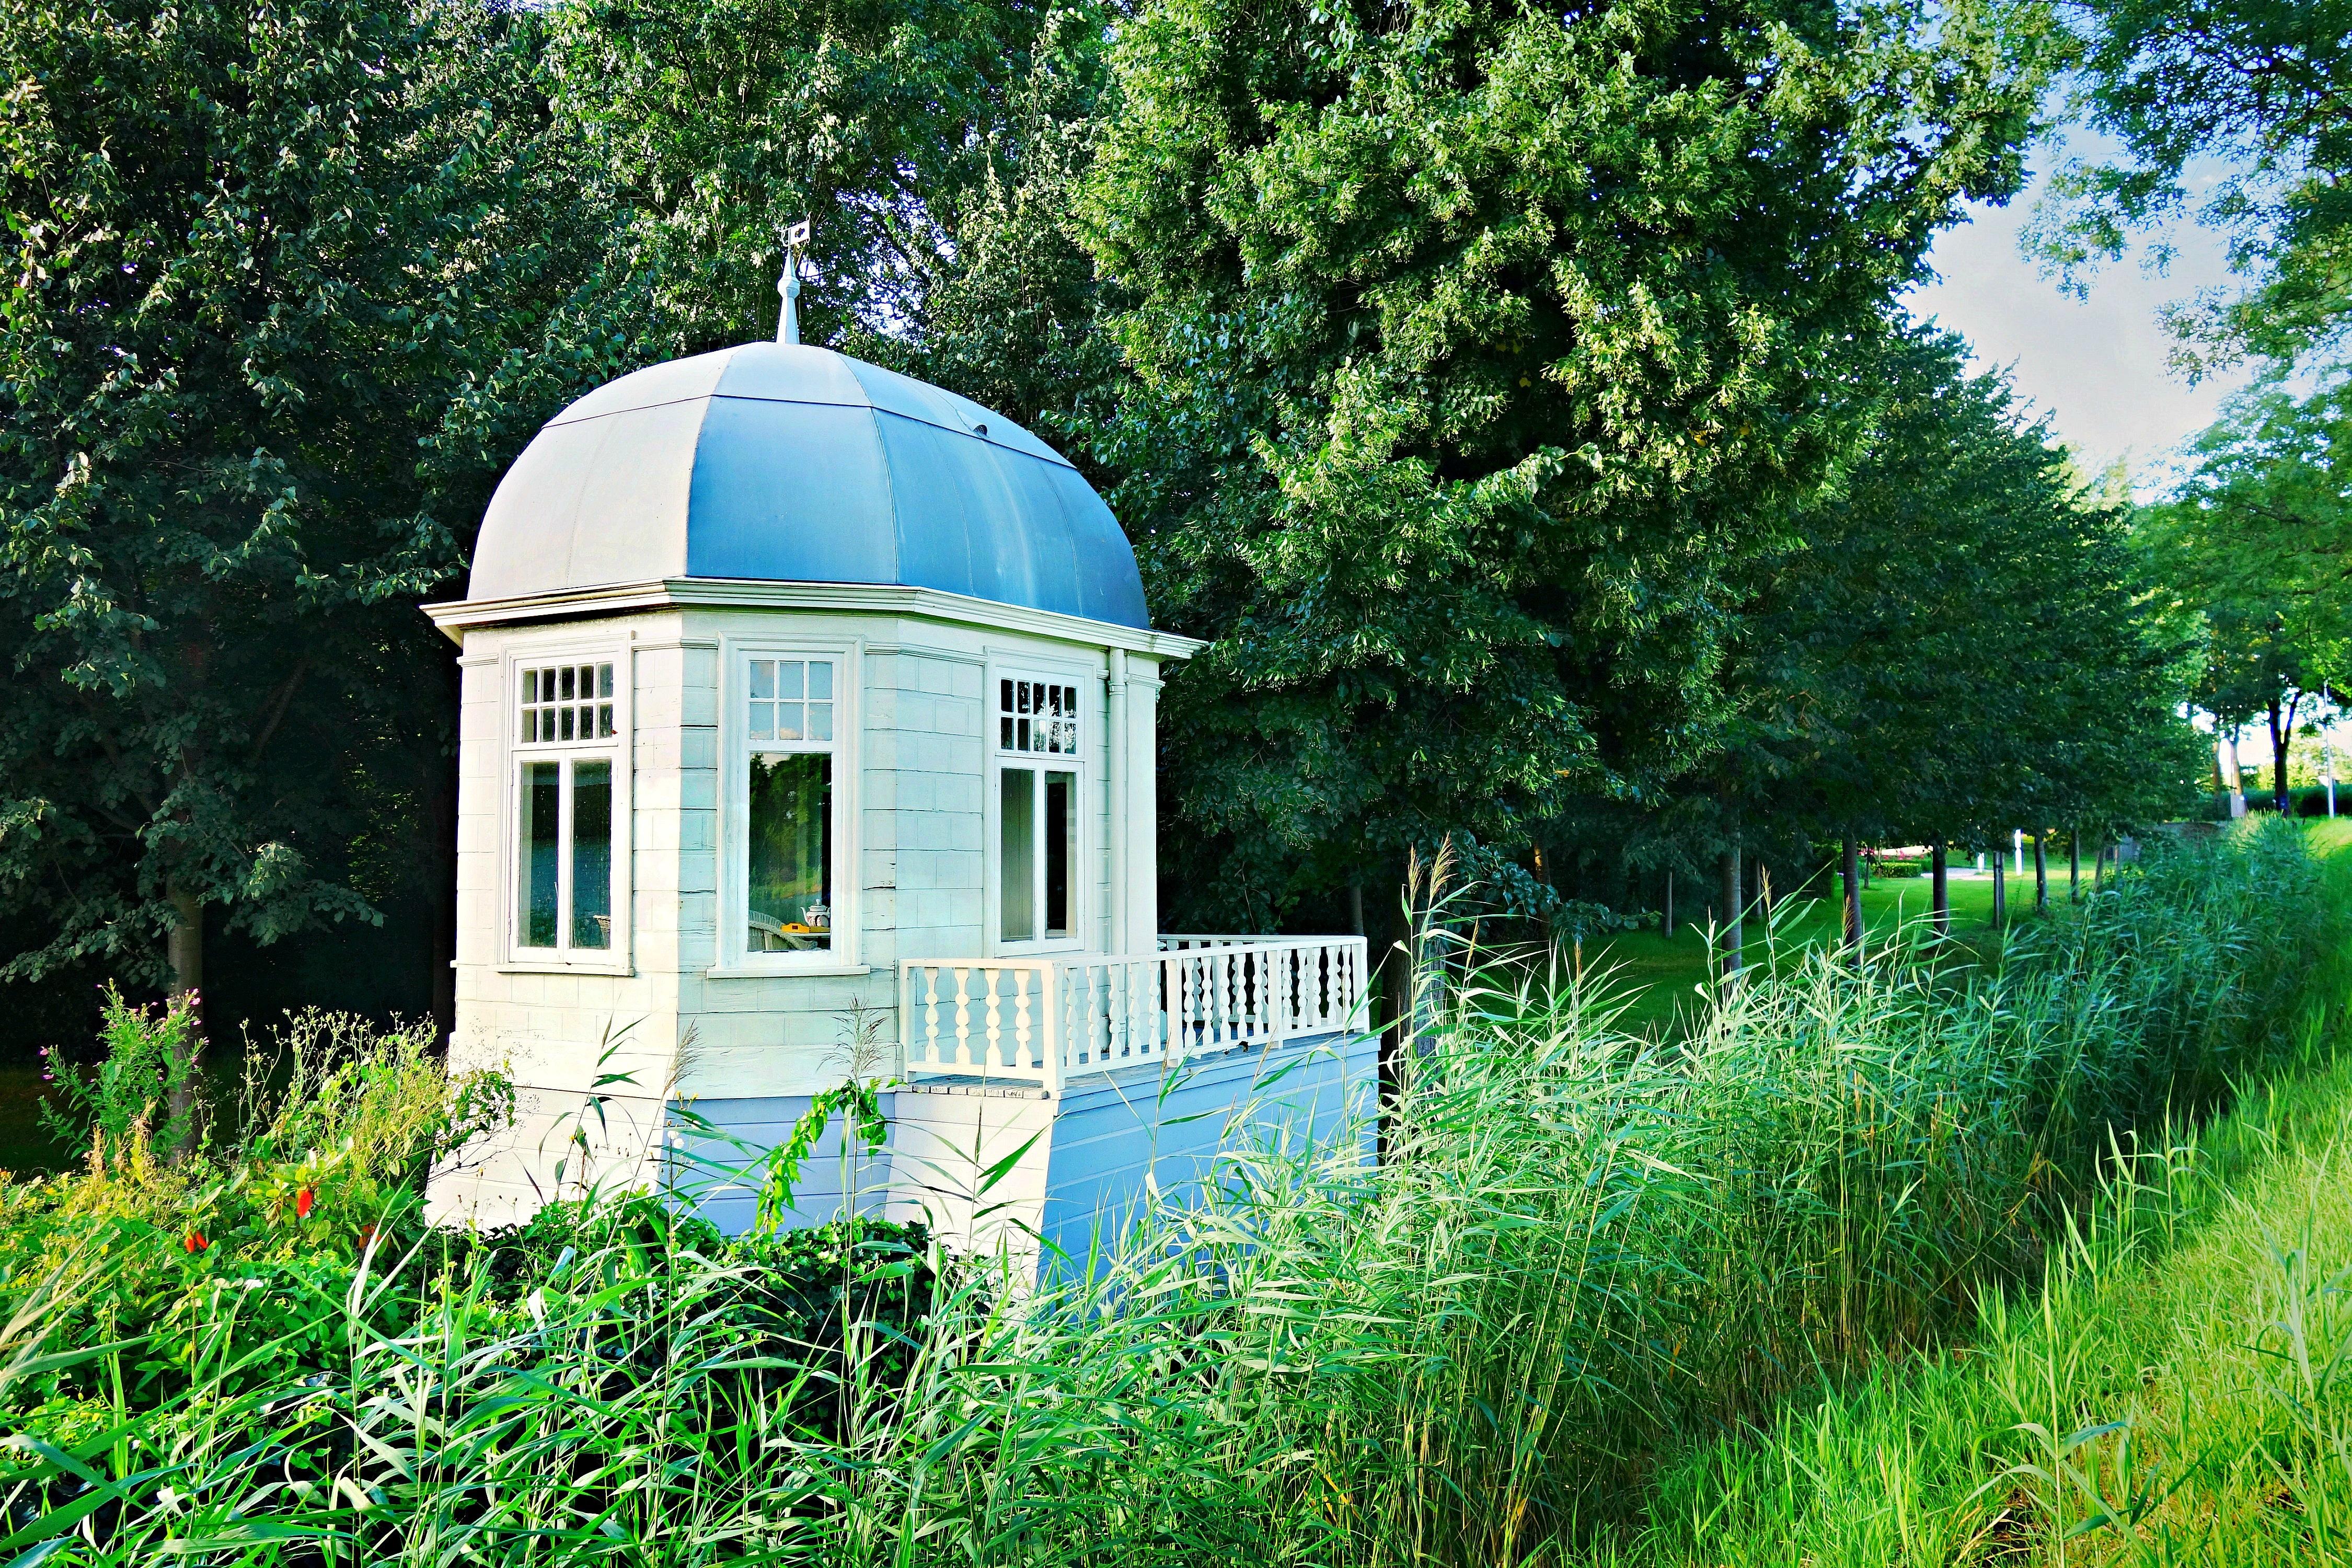 Images Gratuites Pelouse Maison B Timent Chalet Arri Re Cour  # Abris De Jardin Zone N